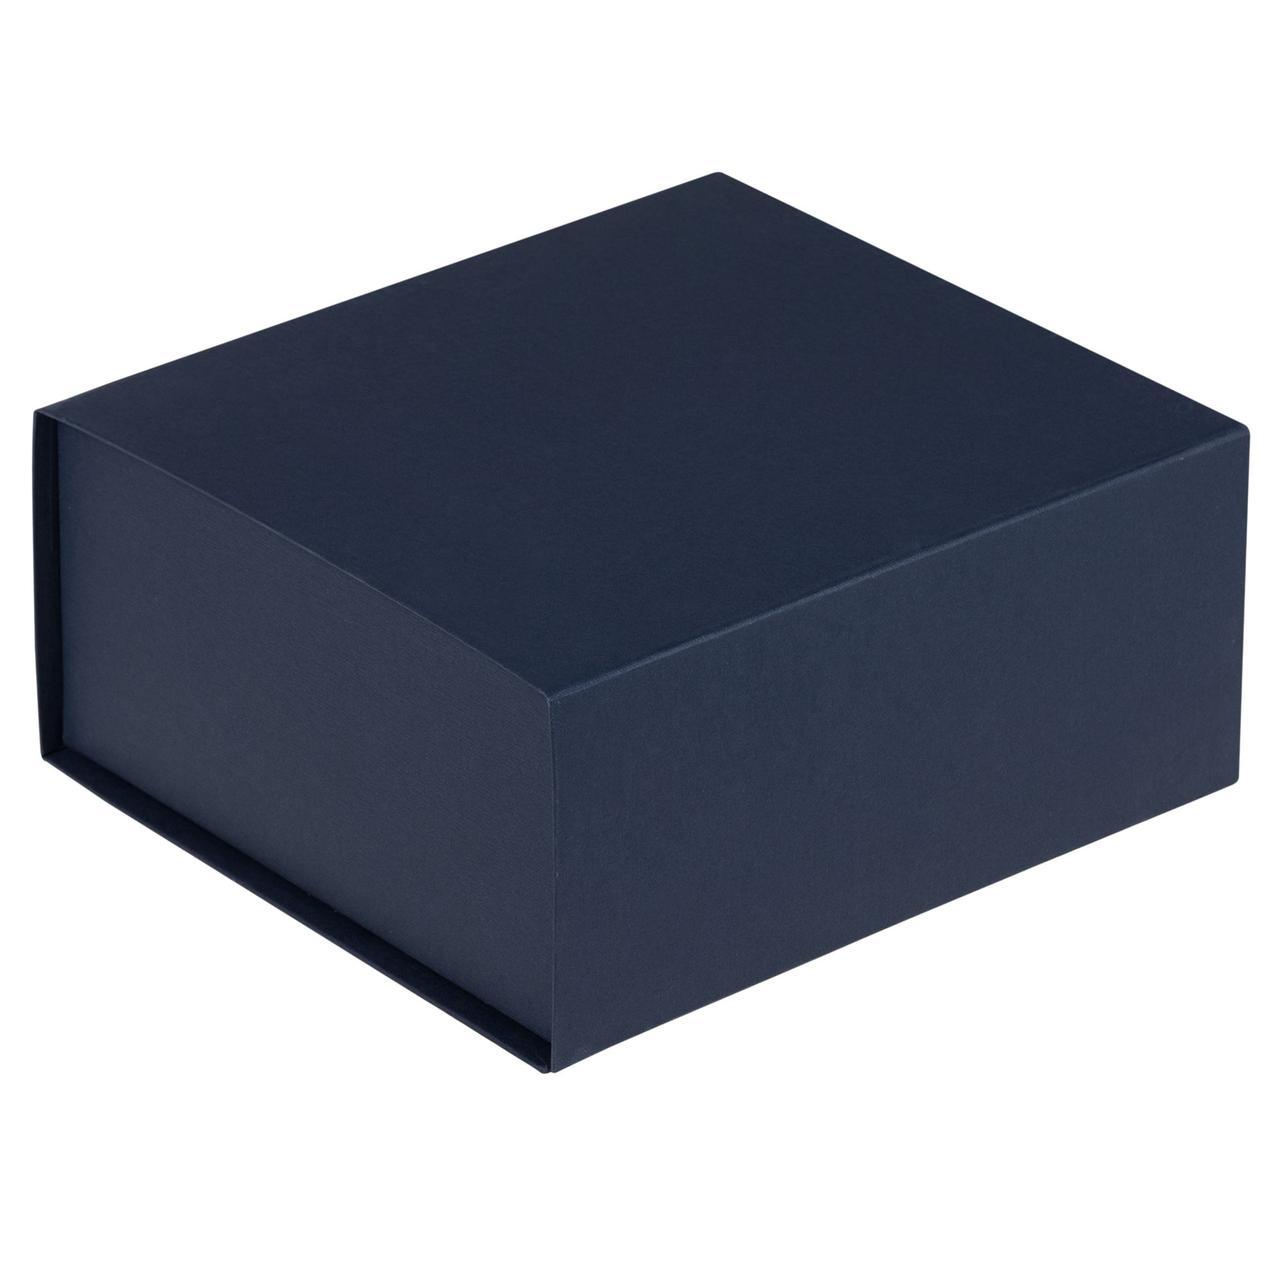 Коробка Amaze, синяя (артикул 7586.40)